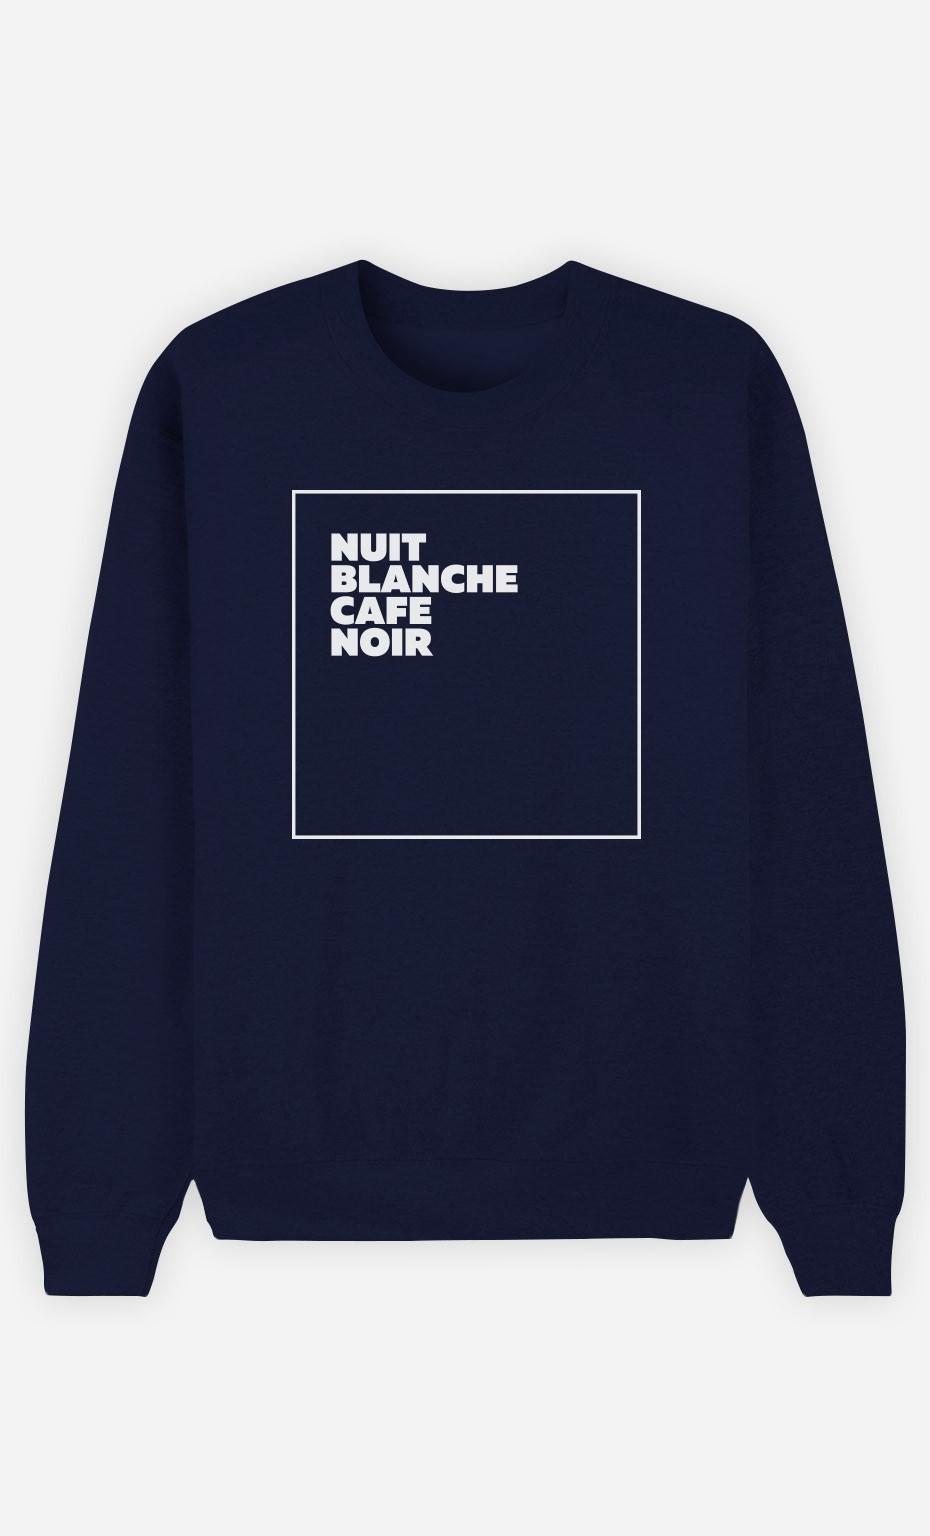 Sweat Bleu Nuit Blanche Café Noir